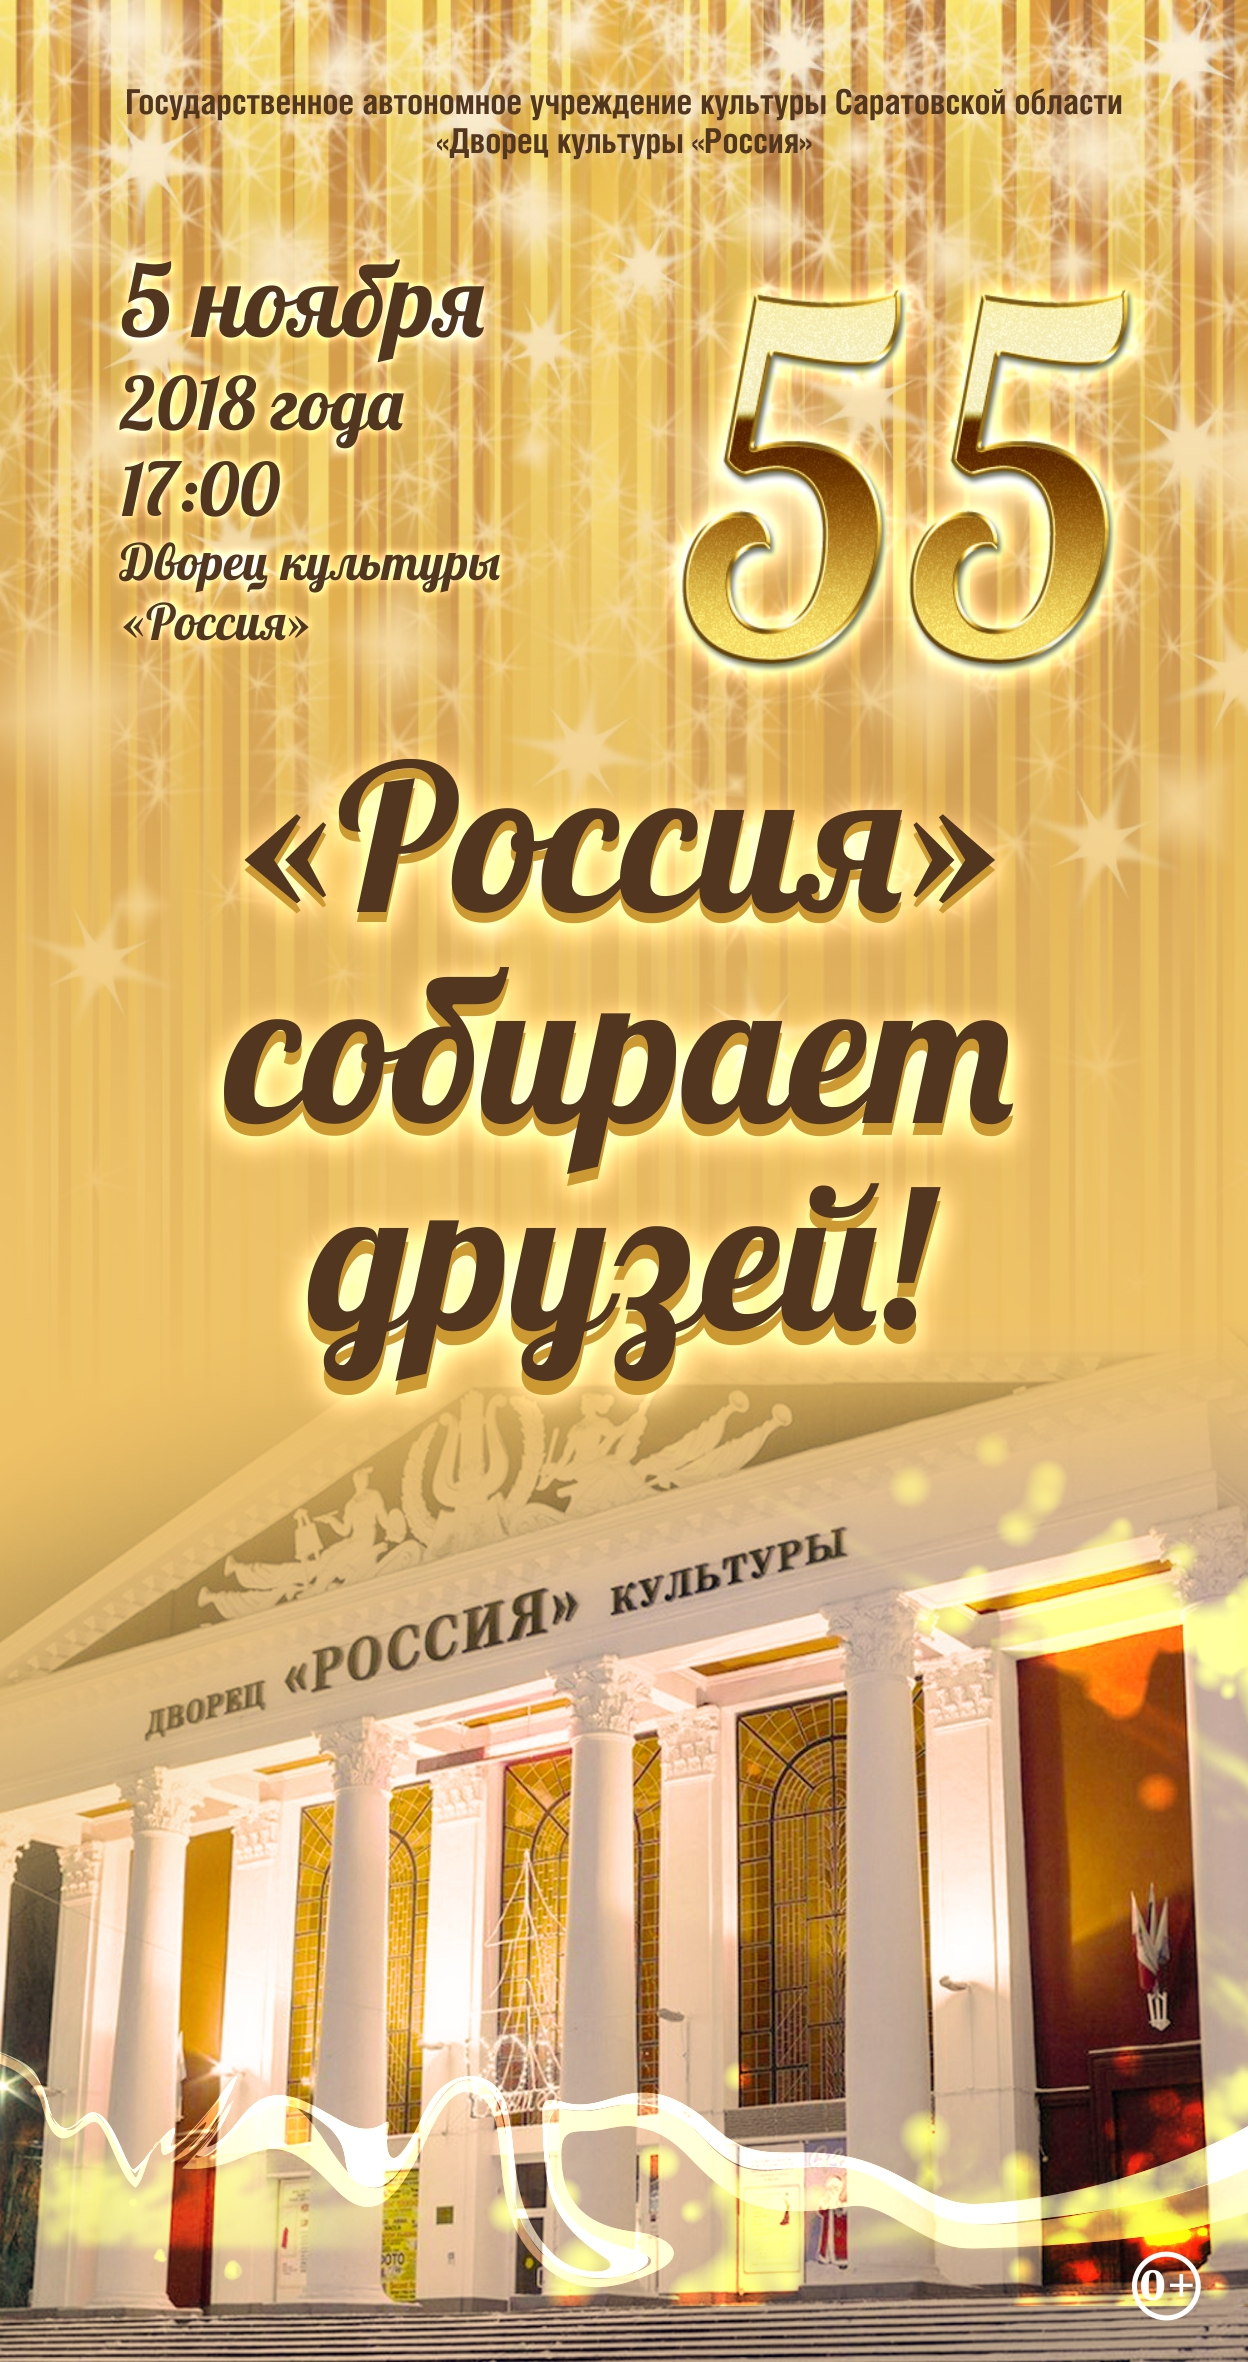 5 ноября 55 лет ДК «России»!